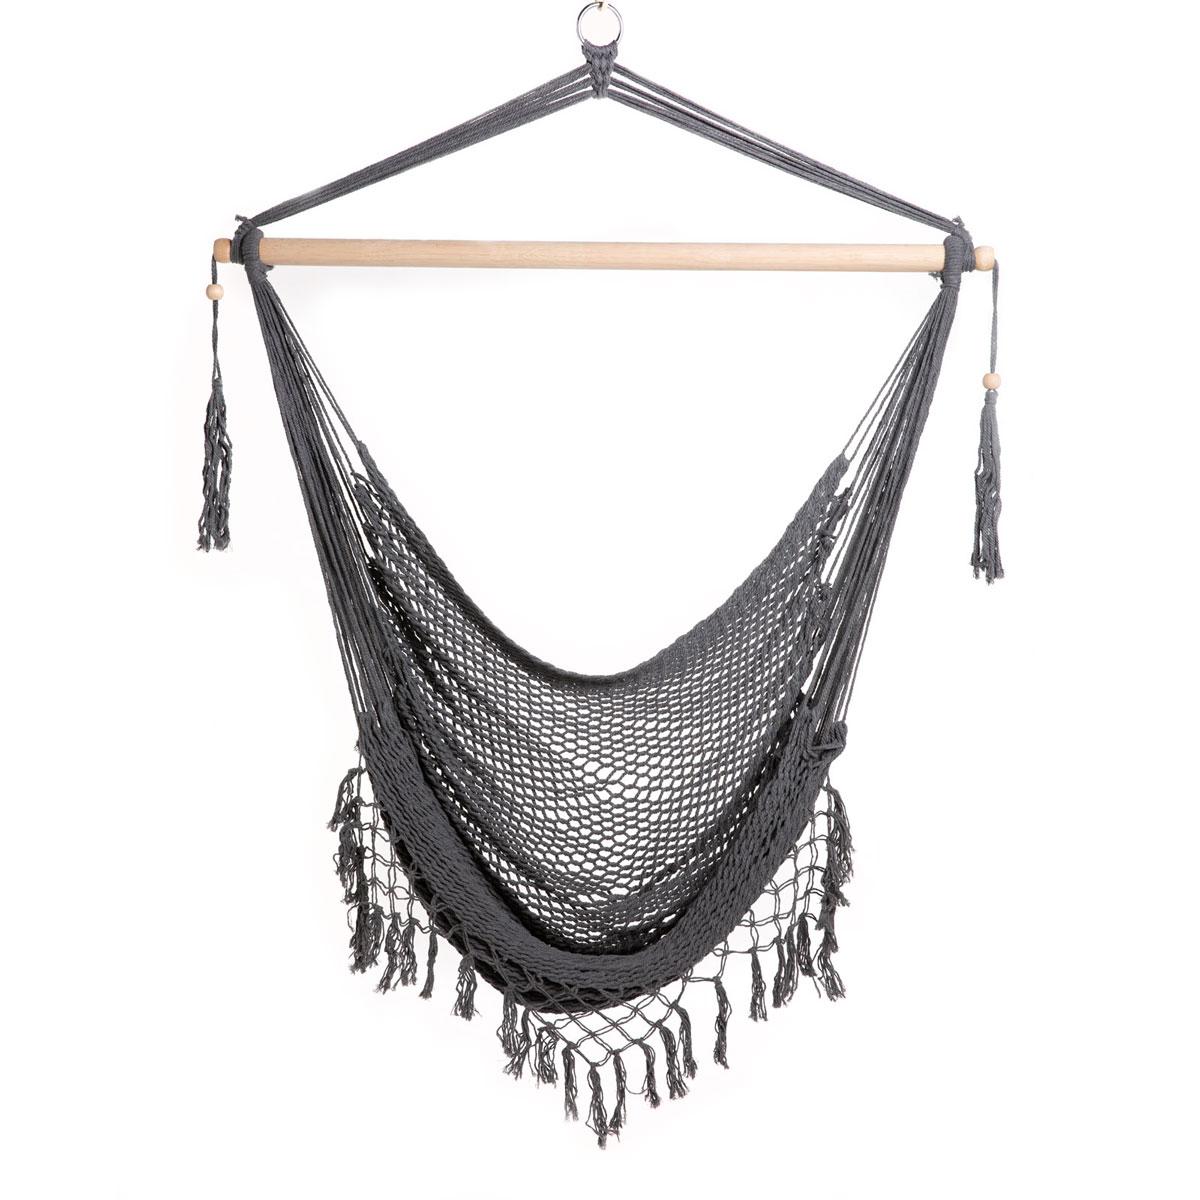 90746 SVITA Hängesessel in Netz-Optik zum Aufhängen mit Stange und Fransen Baumwollseil Naturmaterial Grau